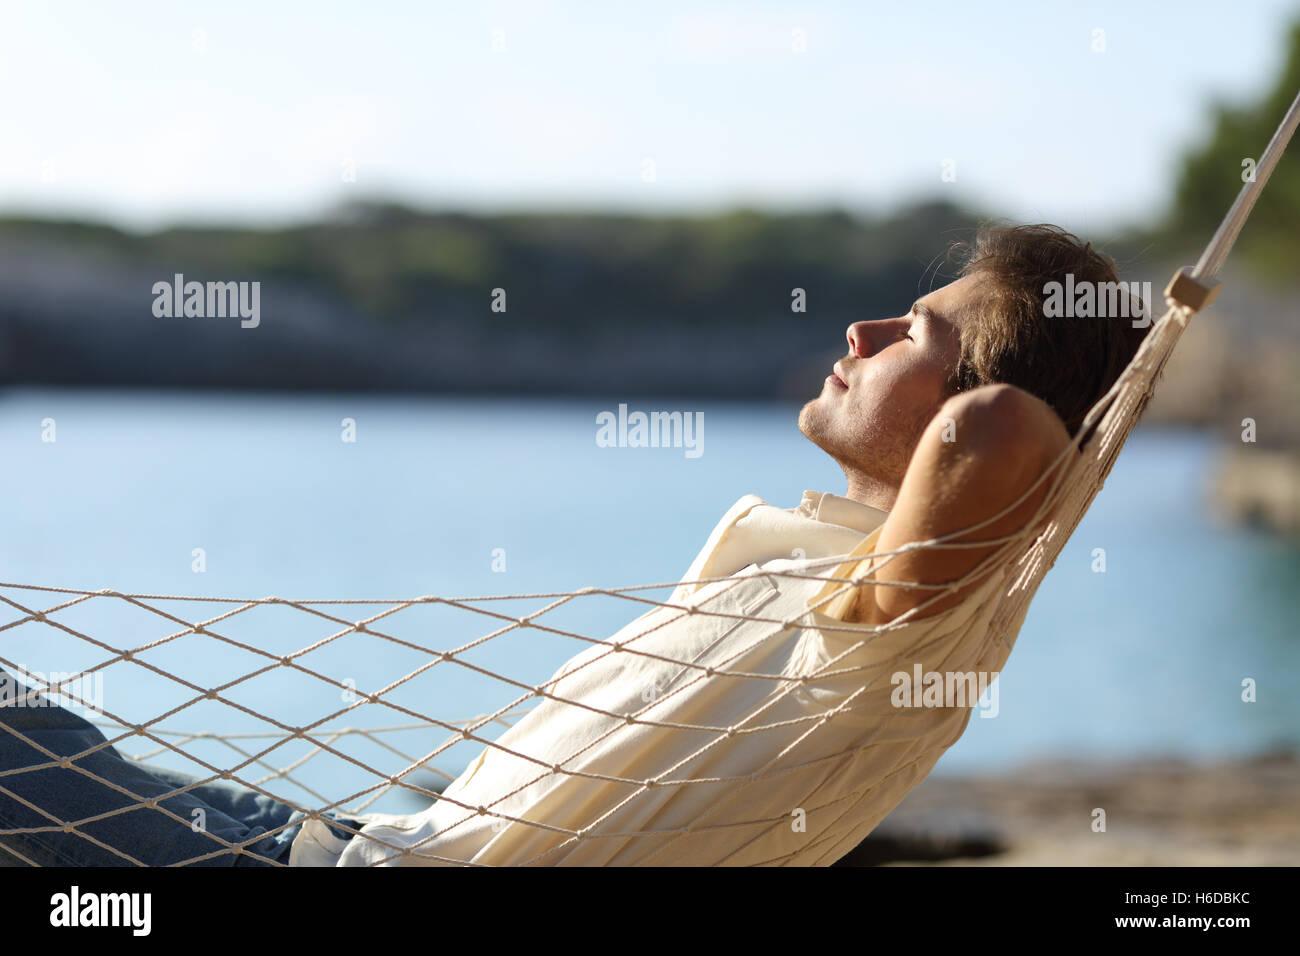 Seitenansicht des entspannten casual glücklich auf einer Hängematte am Strand im Urlaub Stockbild